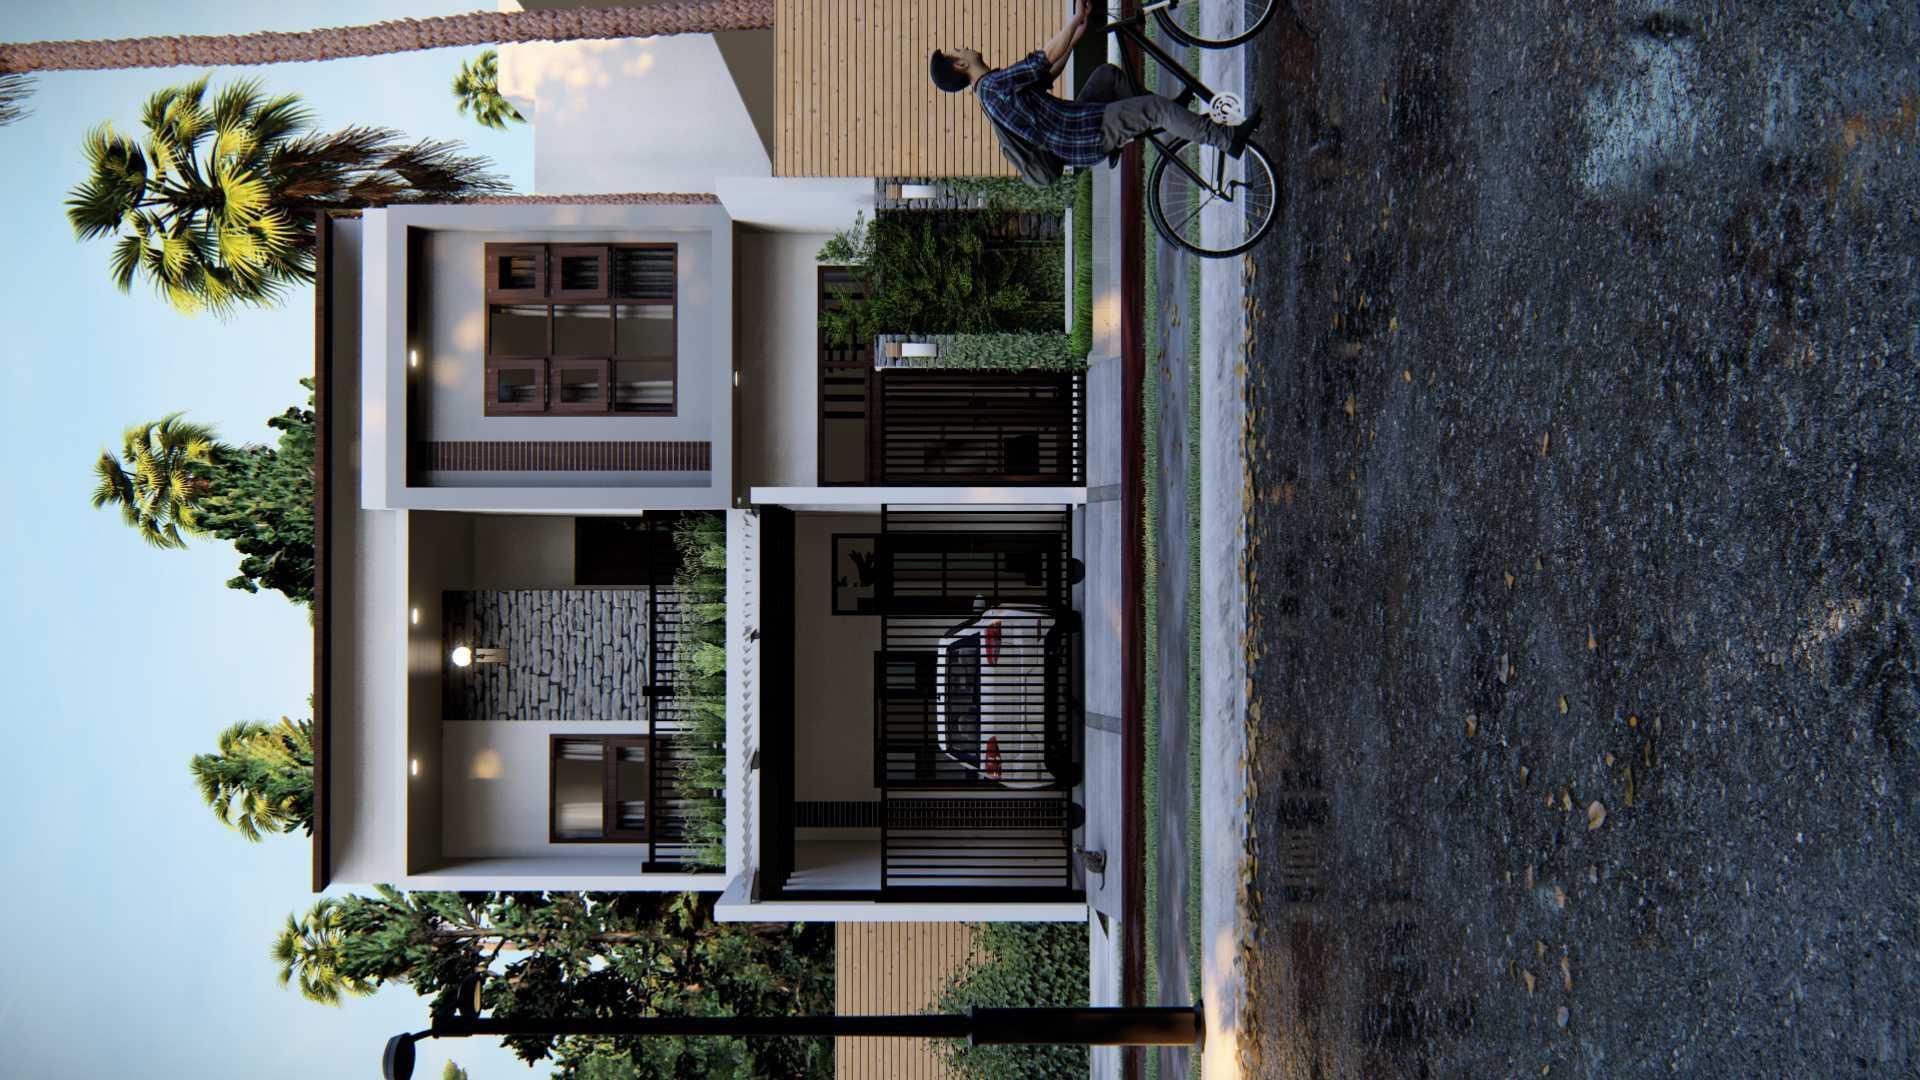 Atelier Vasturuang Project Rumah Pak Abdul Bekasi, Kota Bks, Jawa Barat, Indonesia Bekasi, Kota Bks, Jawa Barat, Indonesia Atelier-Vasturuang-Project-Rumah-Pak-Abdul  98437